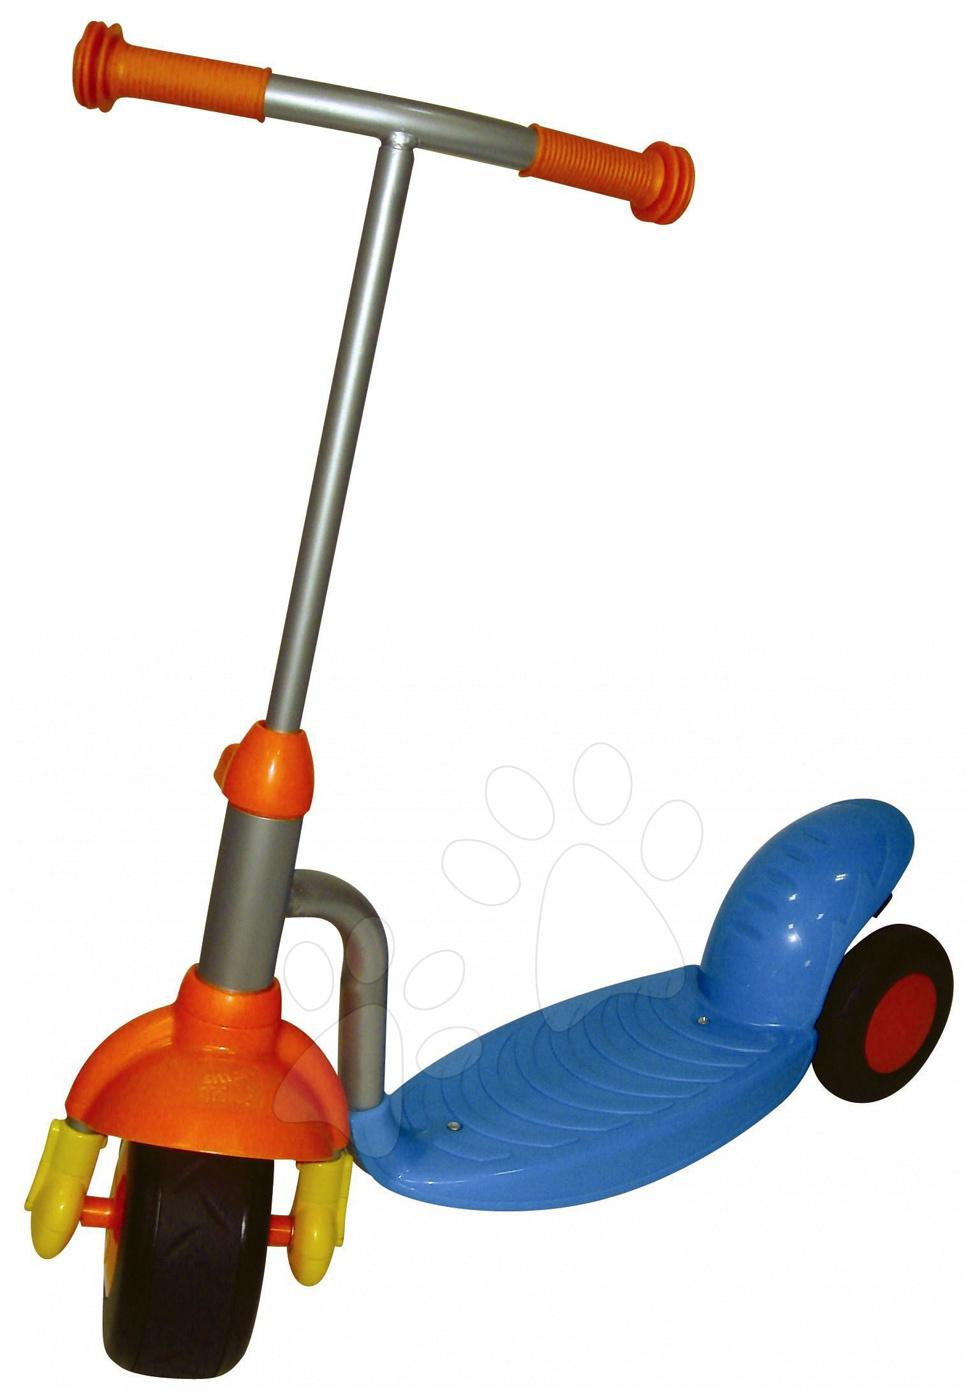 Koloběžky tříkolové - Koloběžka Step On&Go smarTrike tříkolová